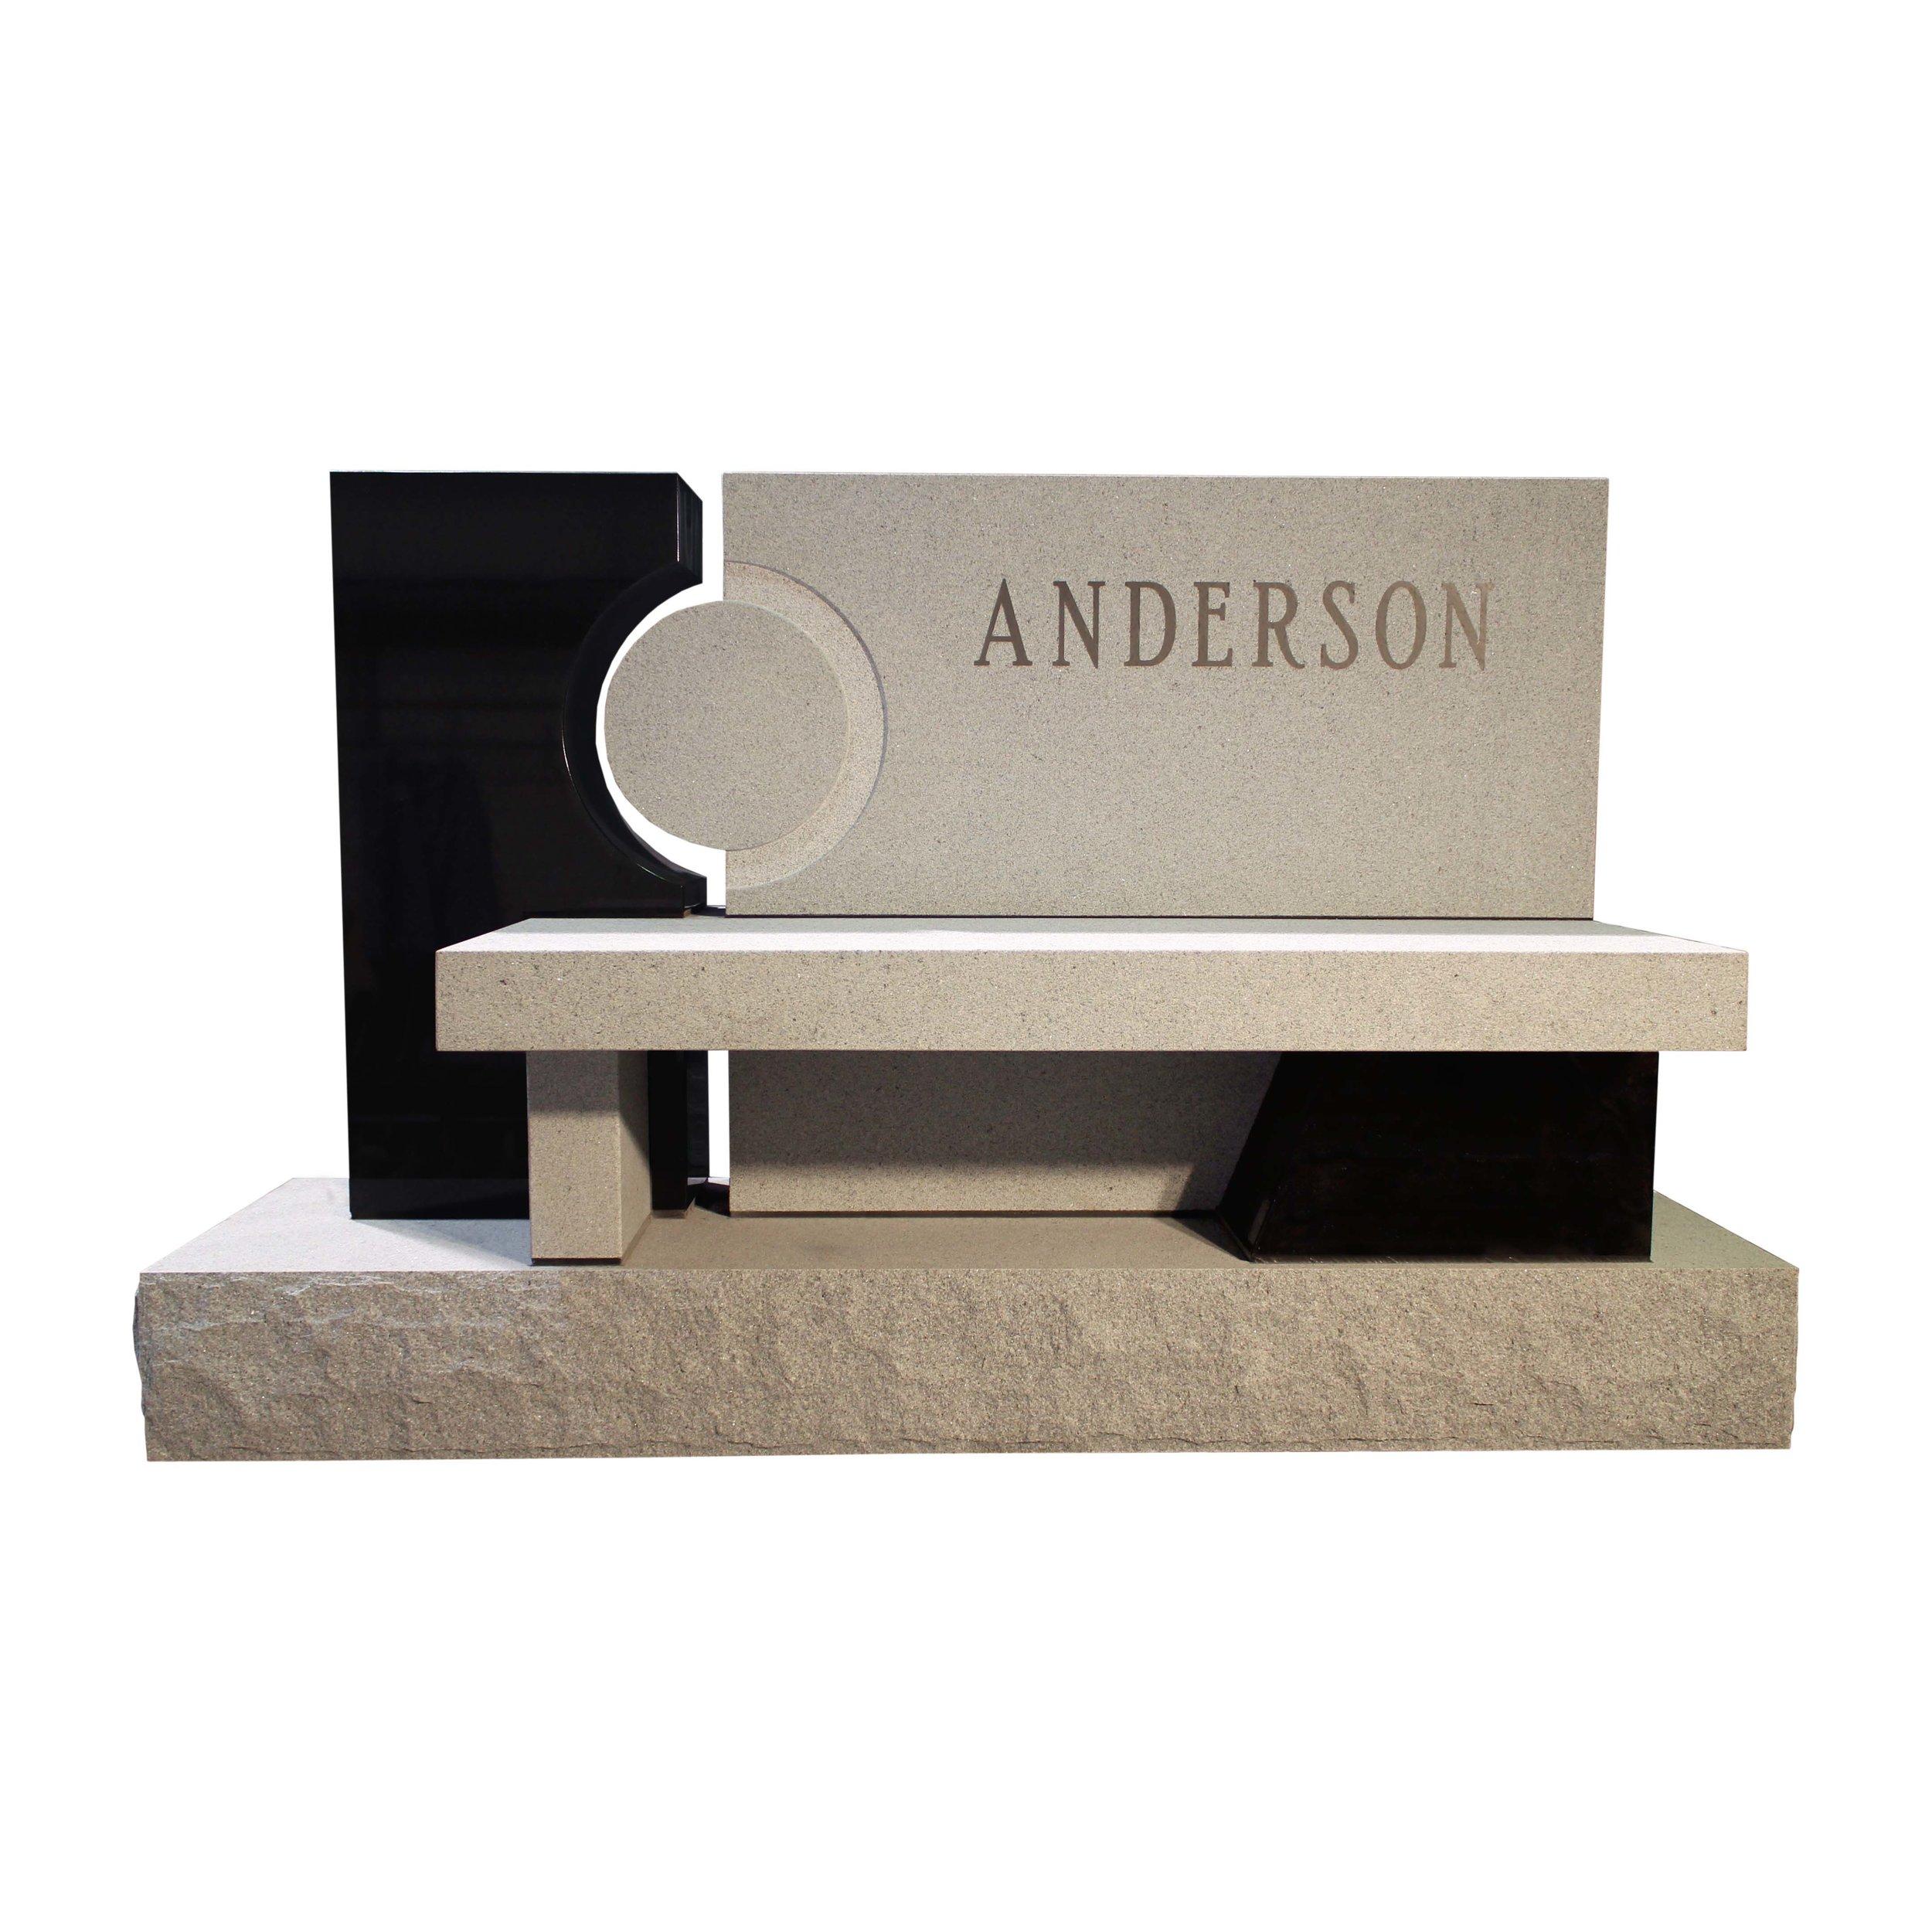 Anderson.jpg